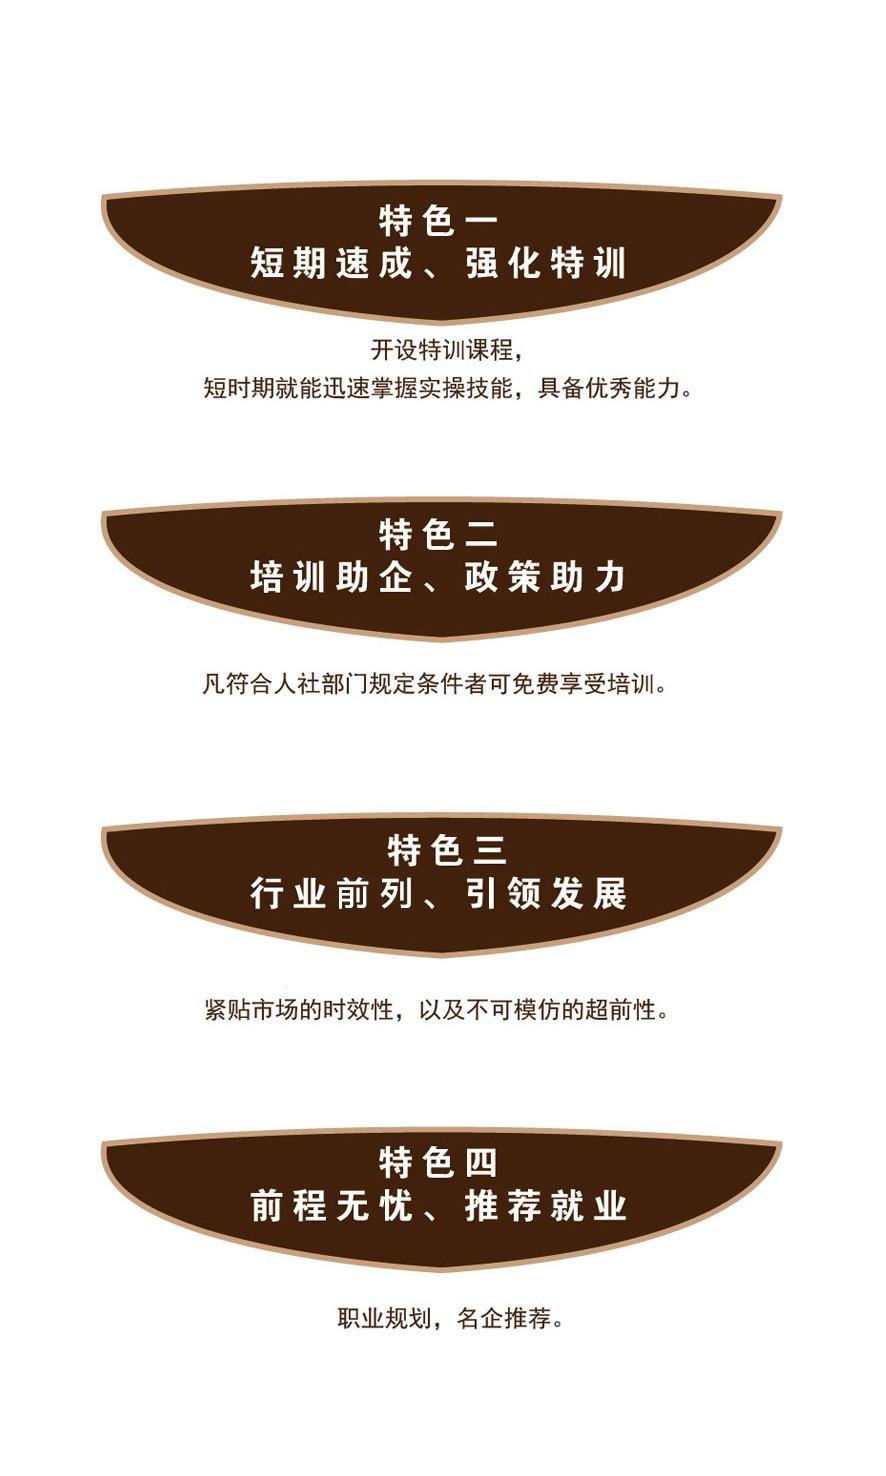 2-2-1.jpg